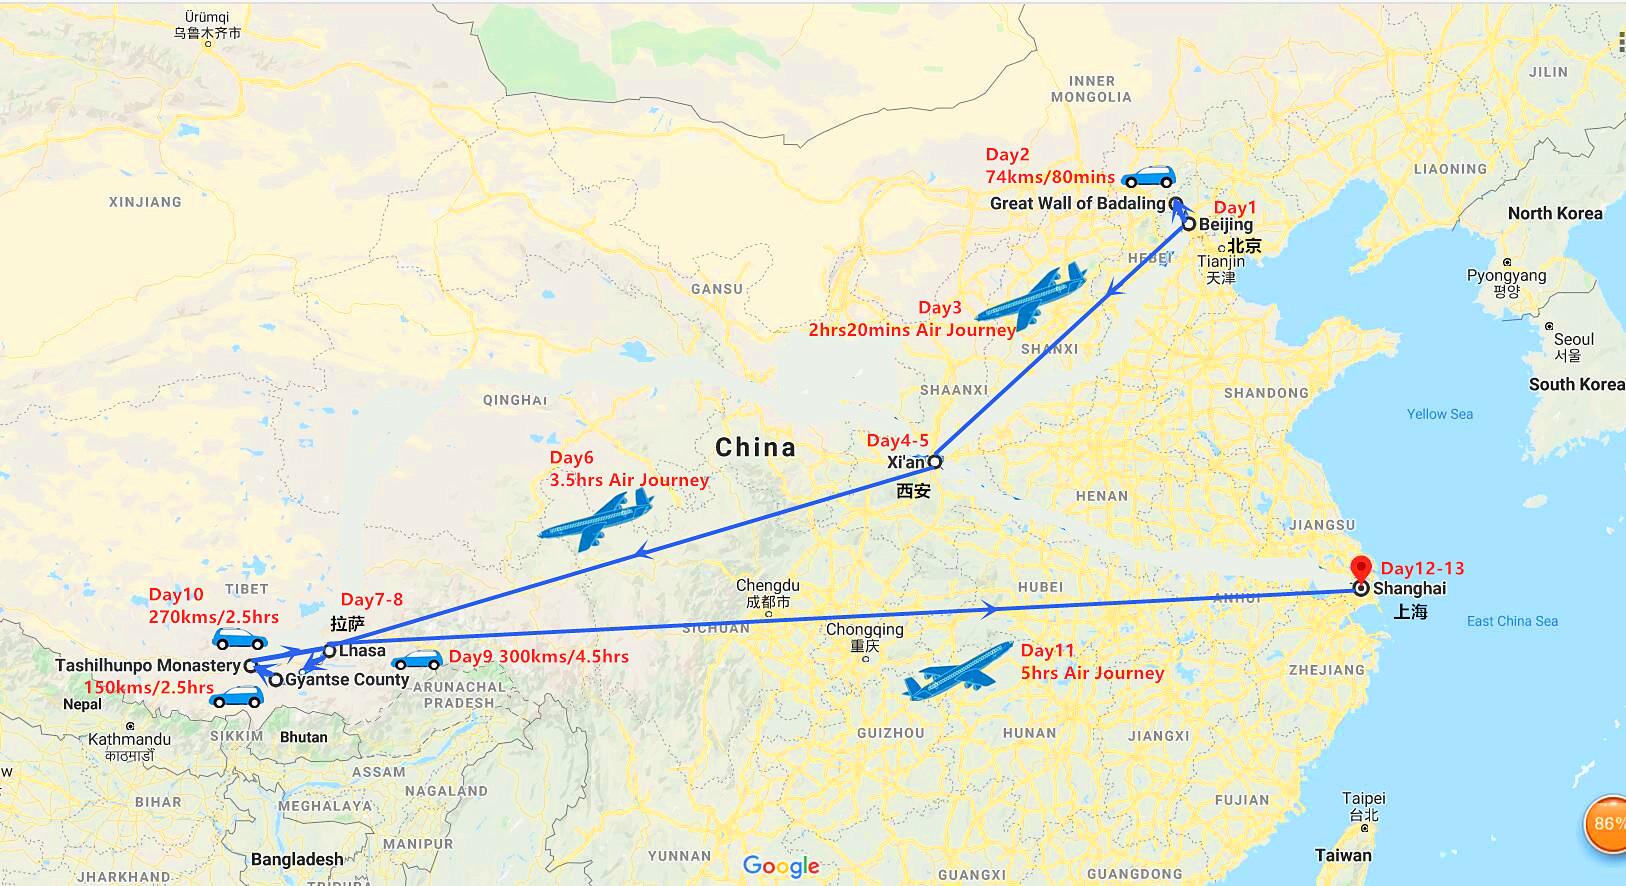 13 Days Beijing, Xi'an, Lhasa and Shanghai Tour Travel Map